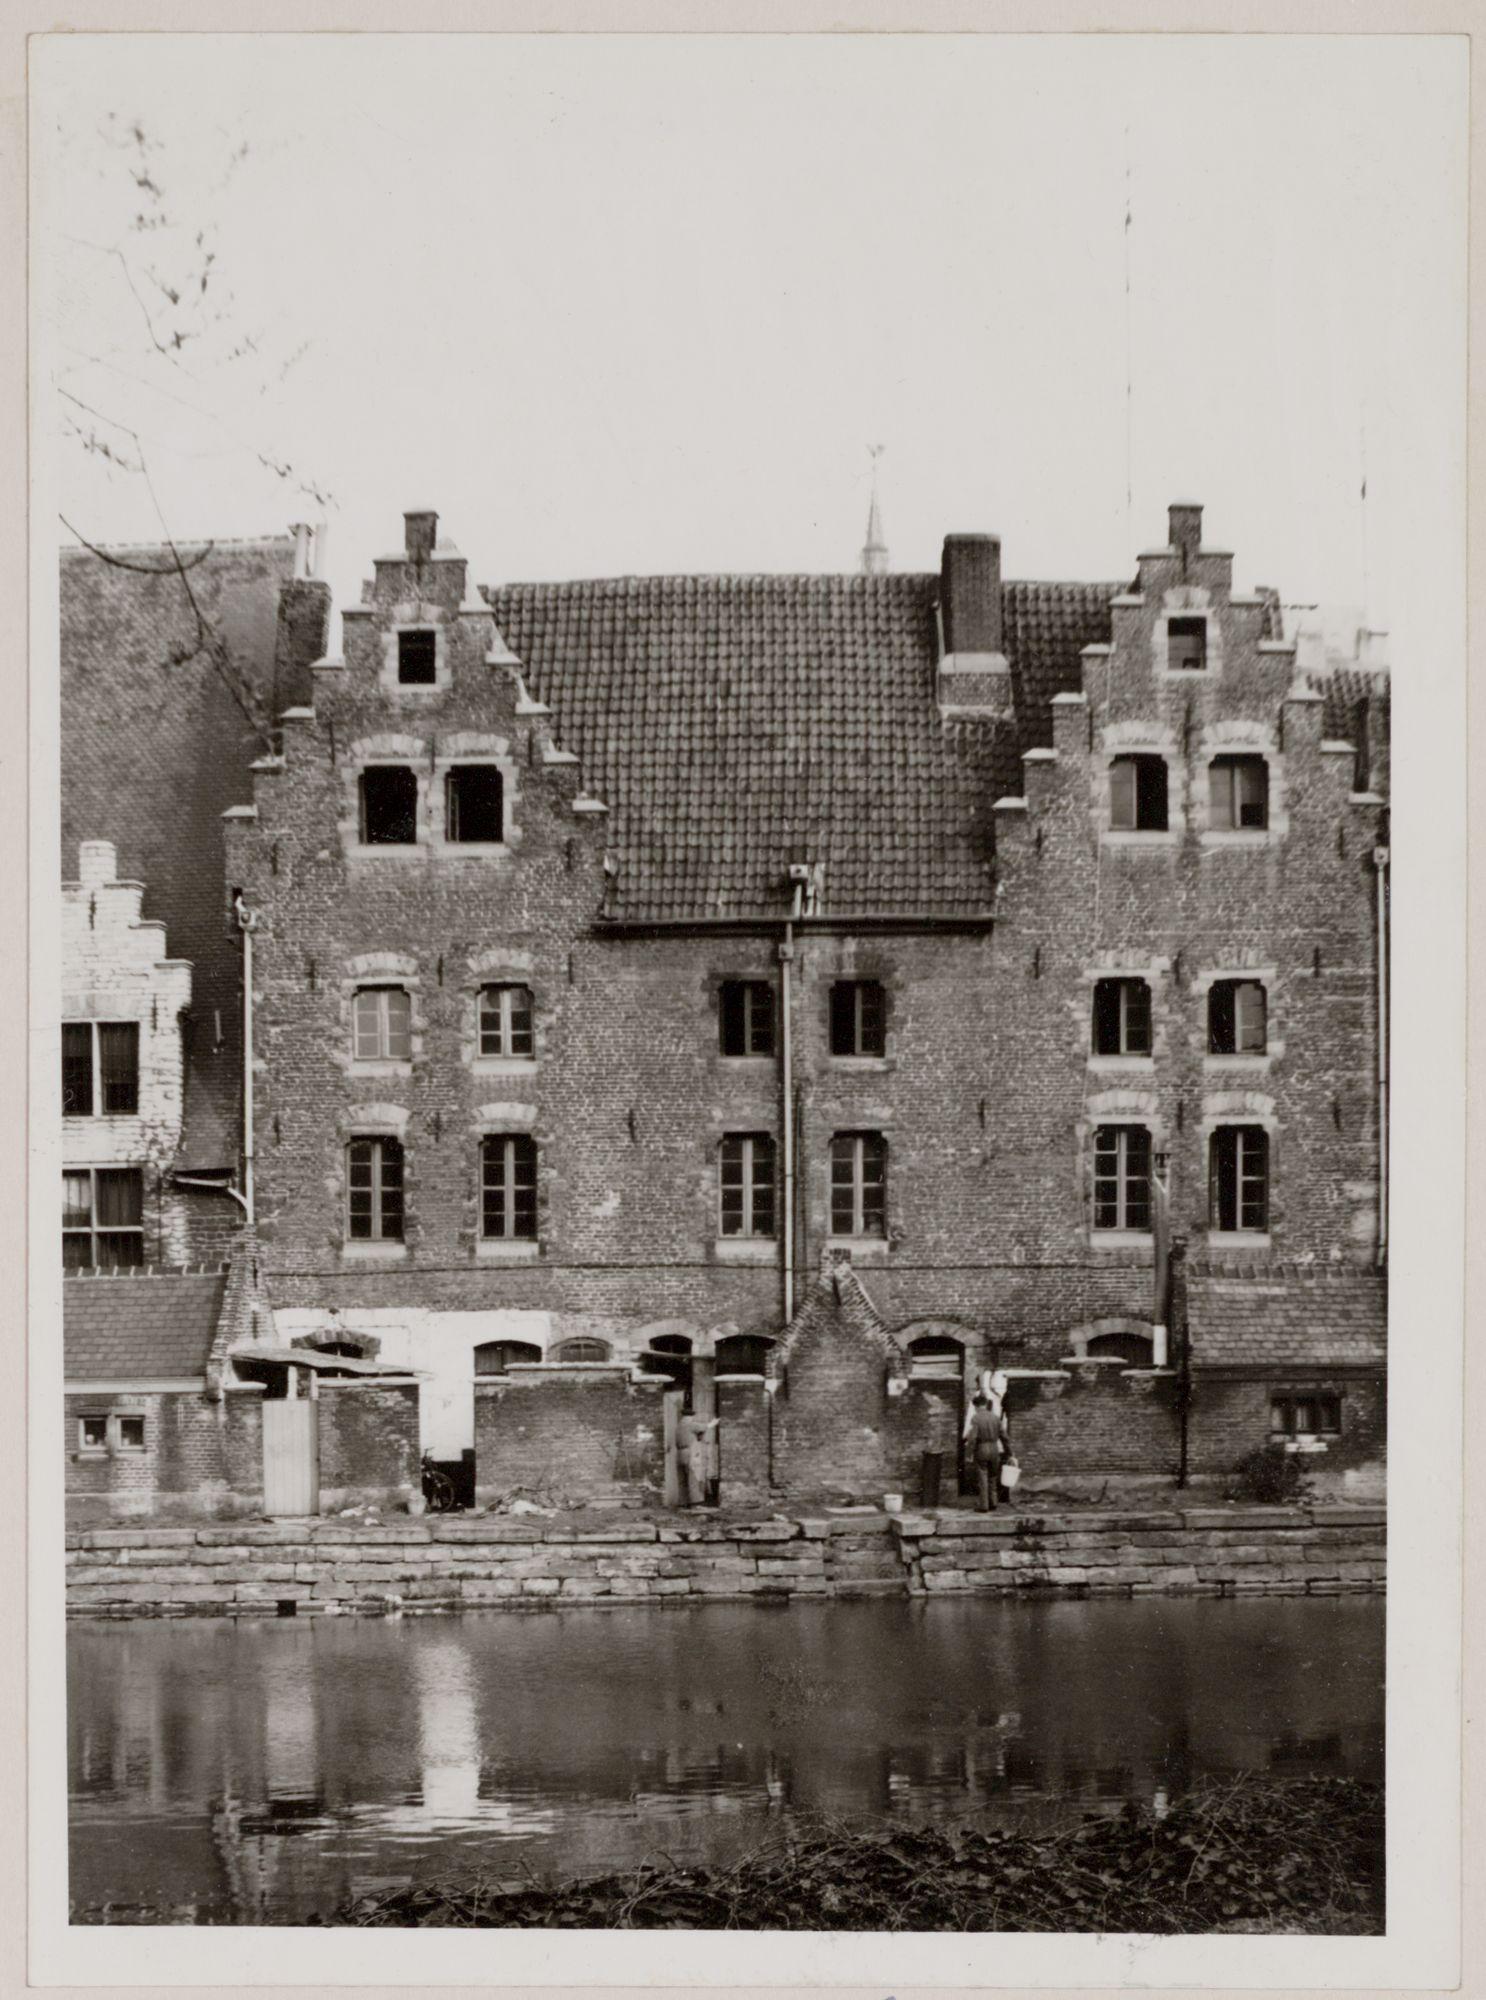 Gent: Leie en achtergevel van Het Spijker (Hooiaard)